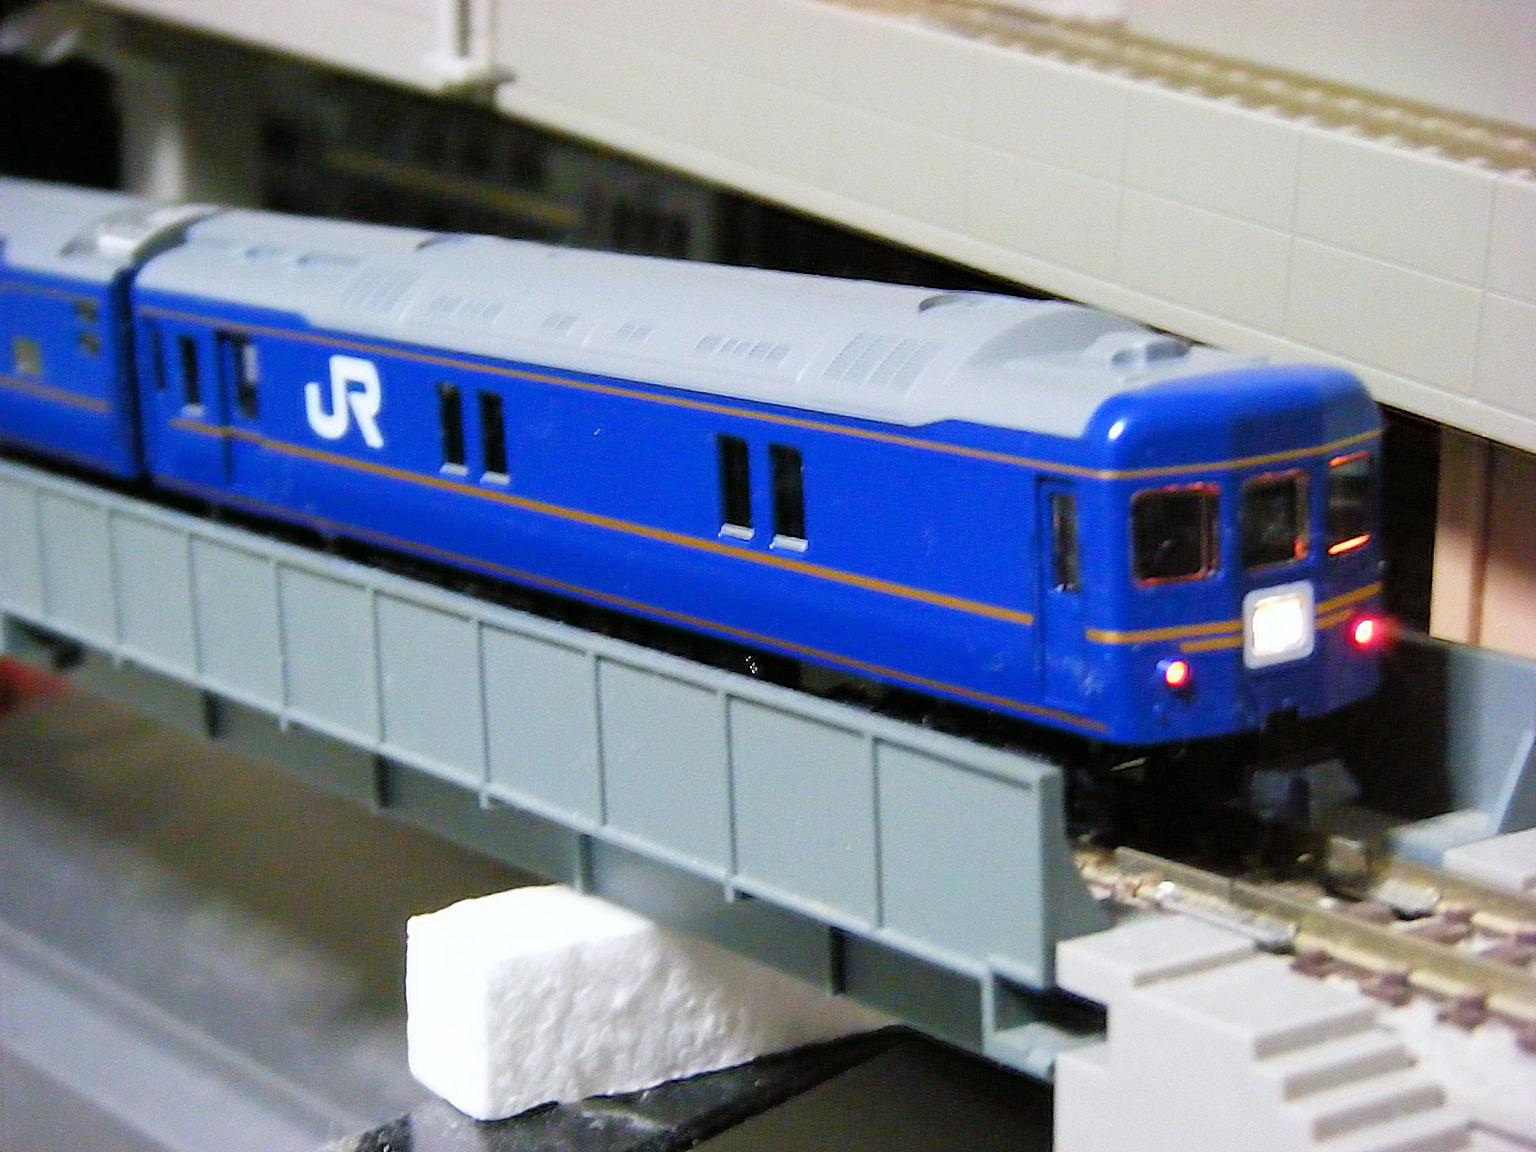 Dscf2546